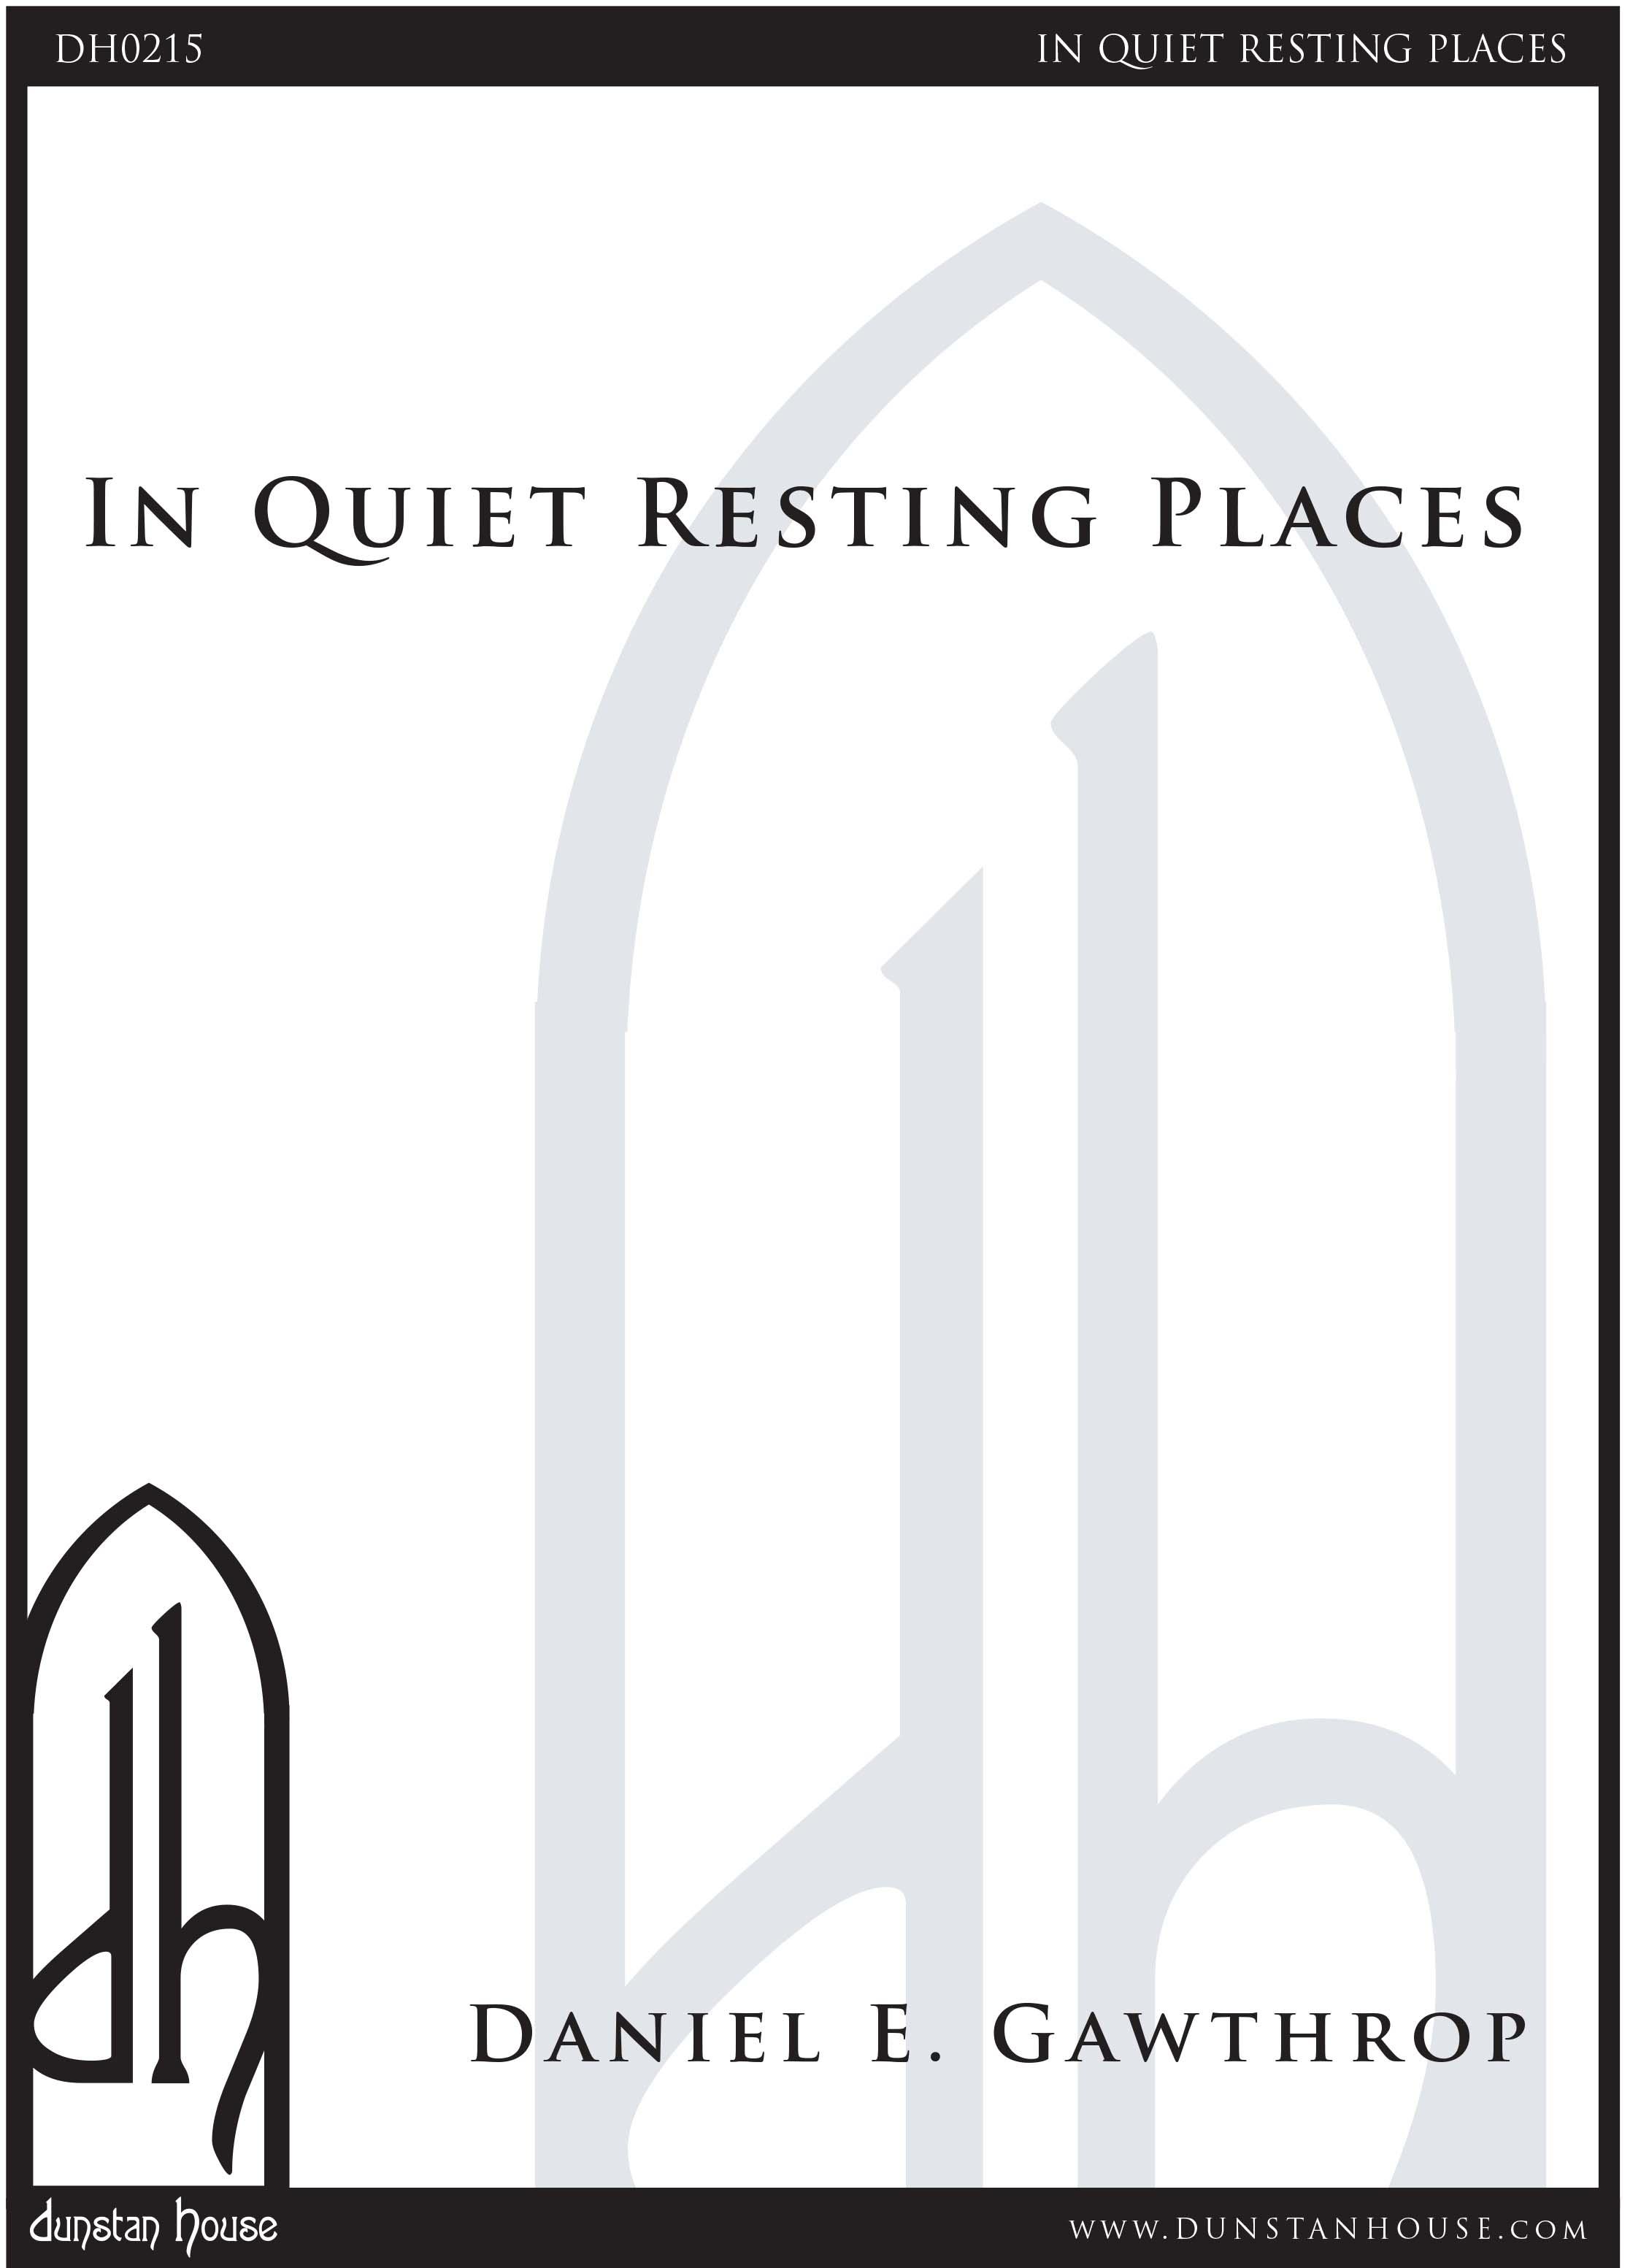 In Quiet Resting Places